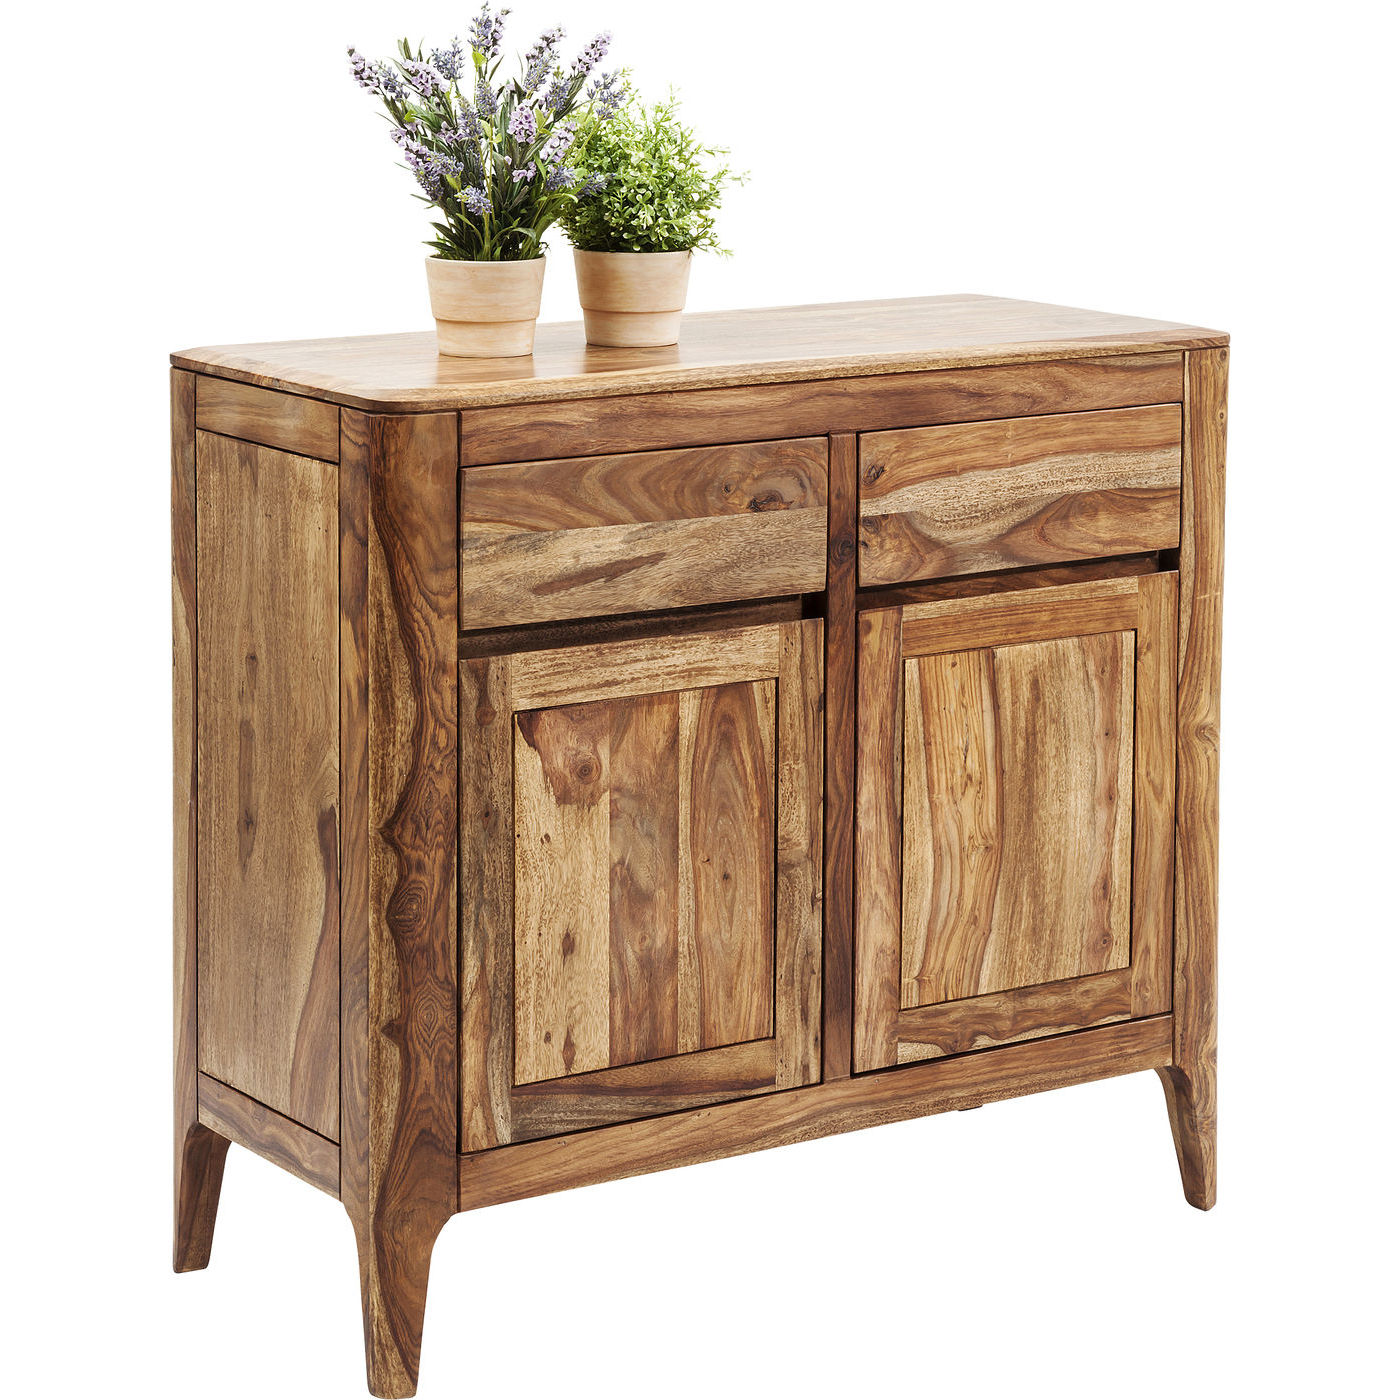 brooklyn nature kommode i sheesham tr 2 skuffer 2 l ger. Black Bedroom Furniture Sets. Home Design Ideas